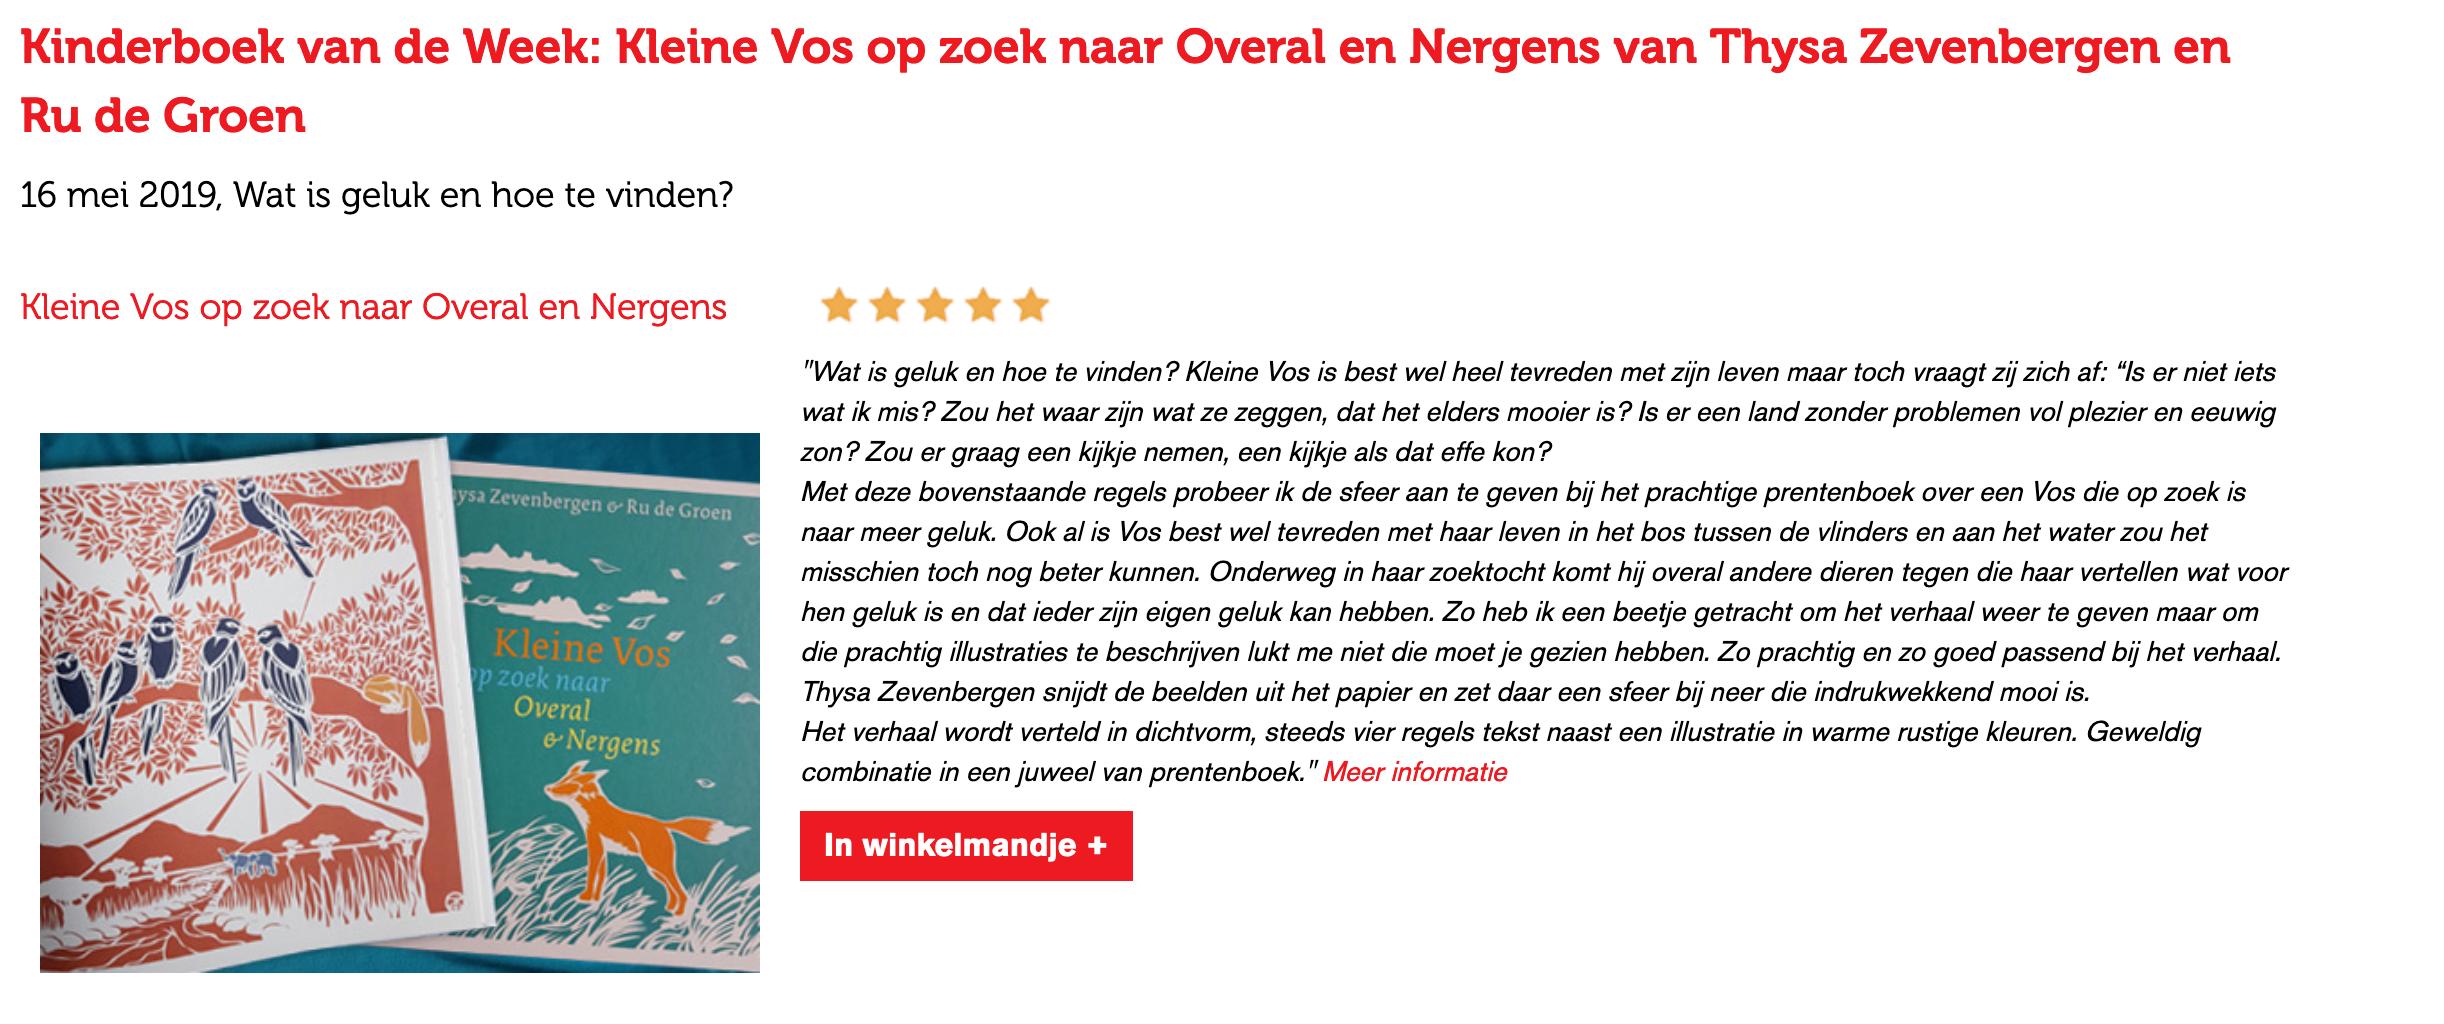 Libris.nl : Kinderboek van de Week